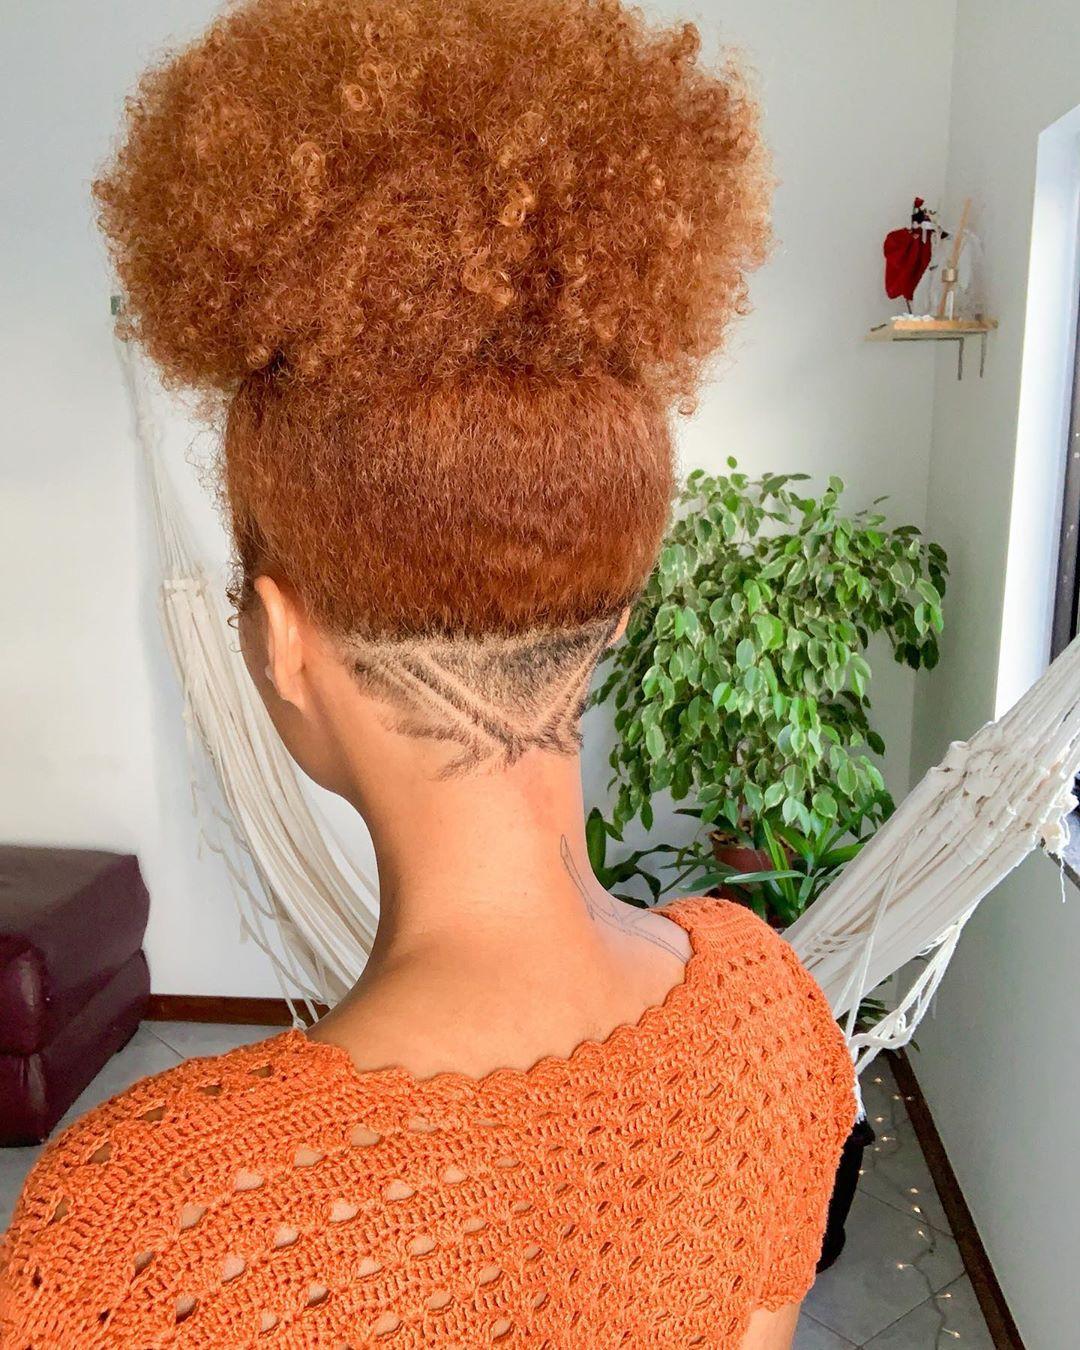 1614808645 850 30 peinados cortos y rizados llenos de personalidad y estilo - 30 peinados cortos y rizados llenos de personalidad y estilo